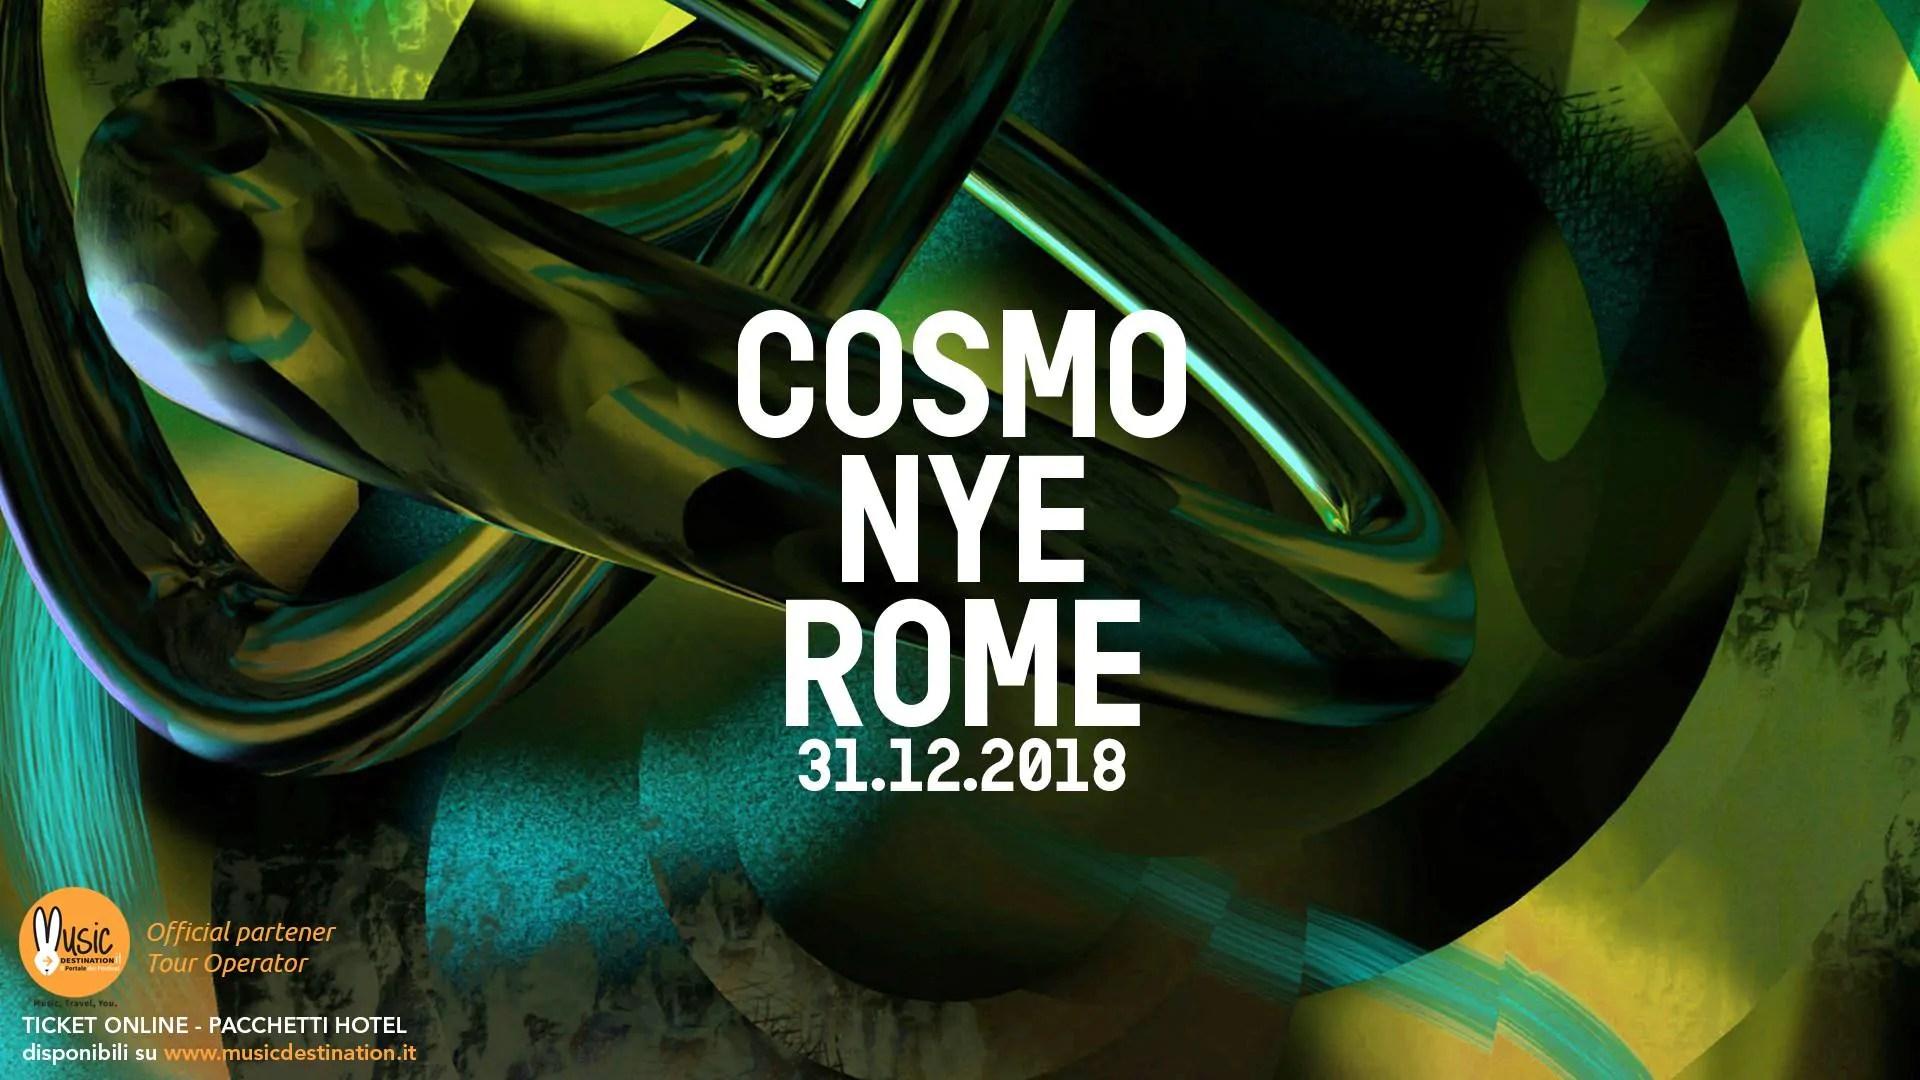 COSMO ROMA FESTIVAL CAPODANNO 2019 a ROMA EUR | Prezzi Ticket Tavoli Pacchetti Hotel